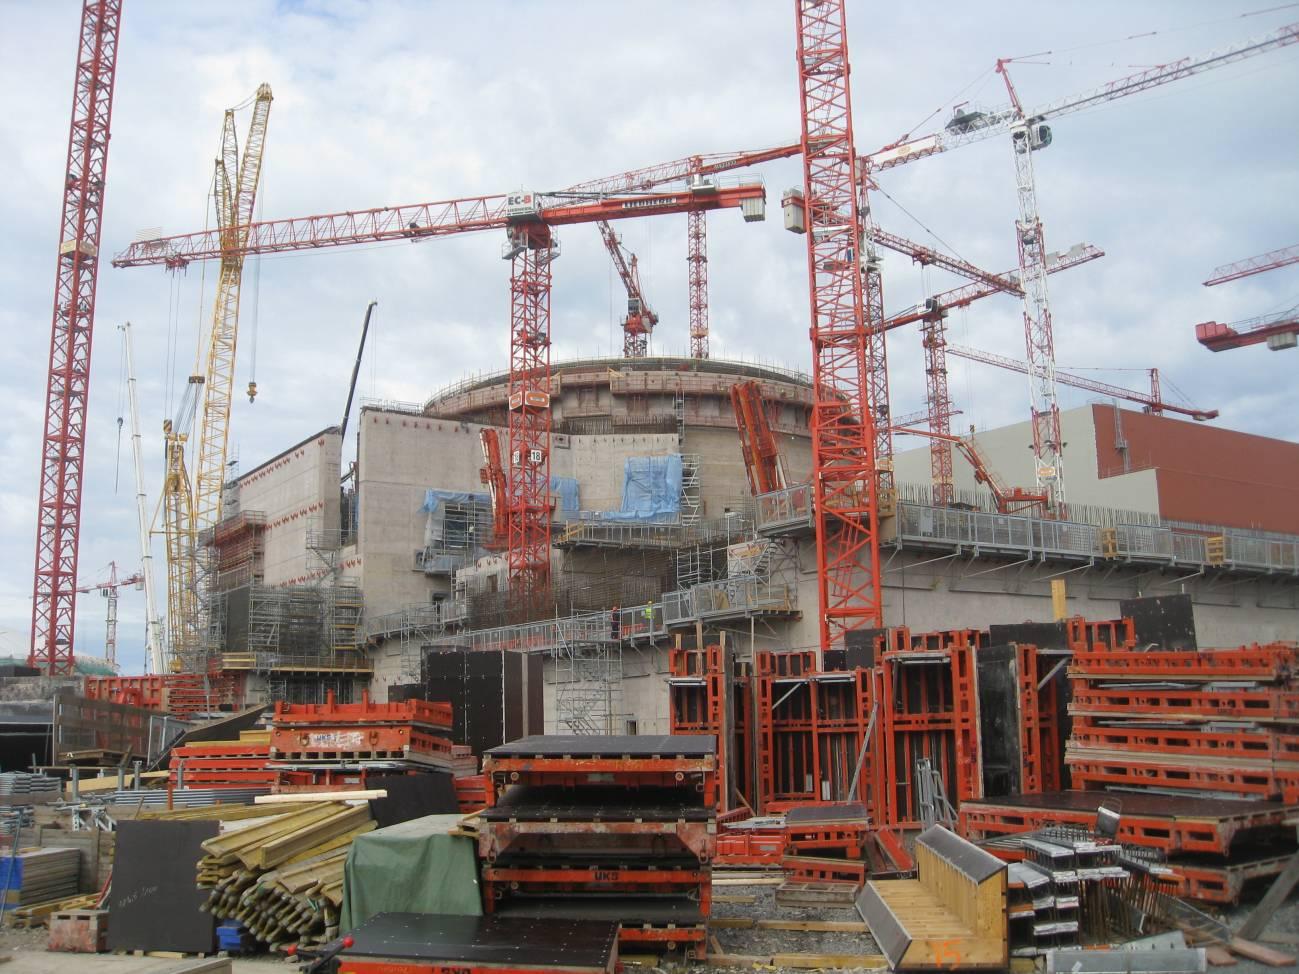 Construcción de la central nuclear de Olkiluoto, en Finlandia. Imagen: BBC World Service.